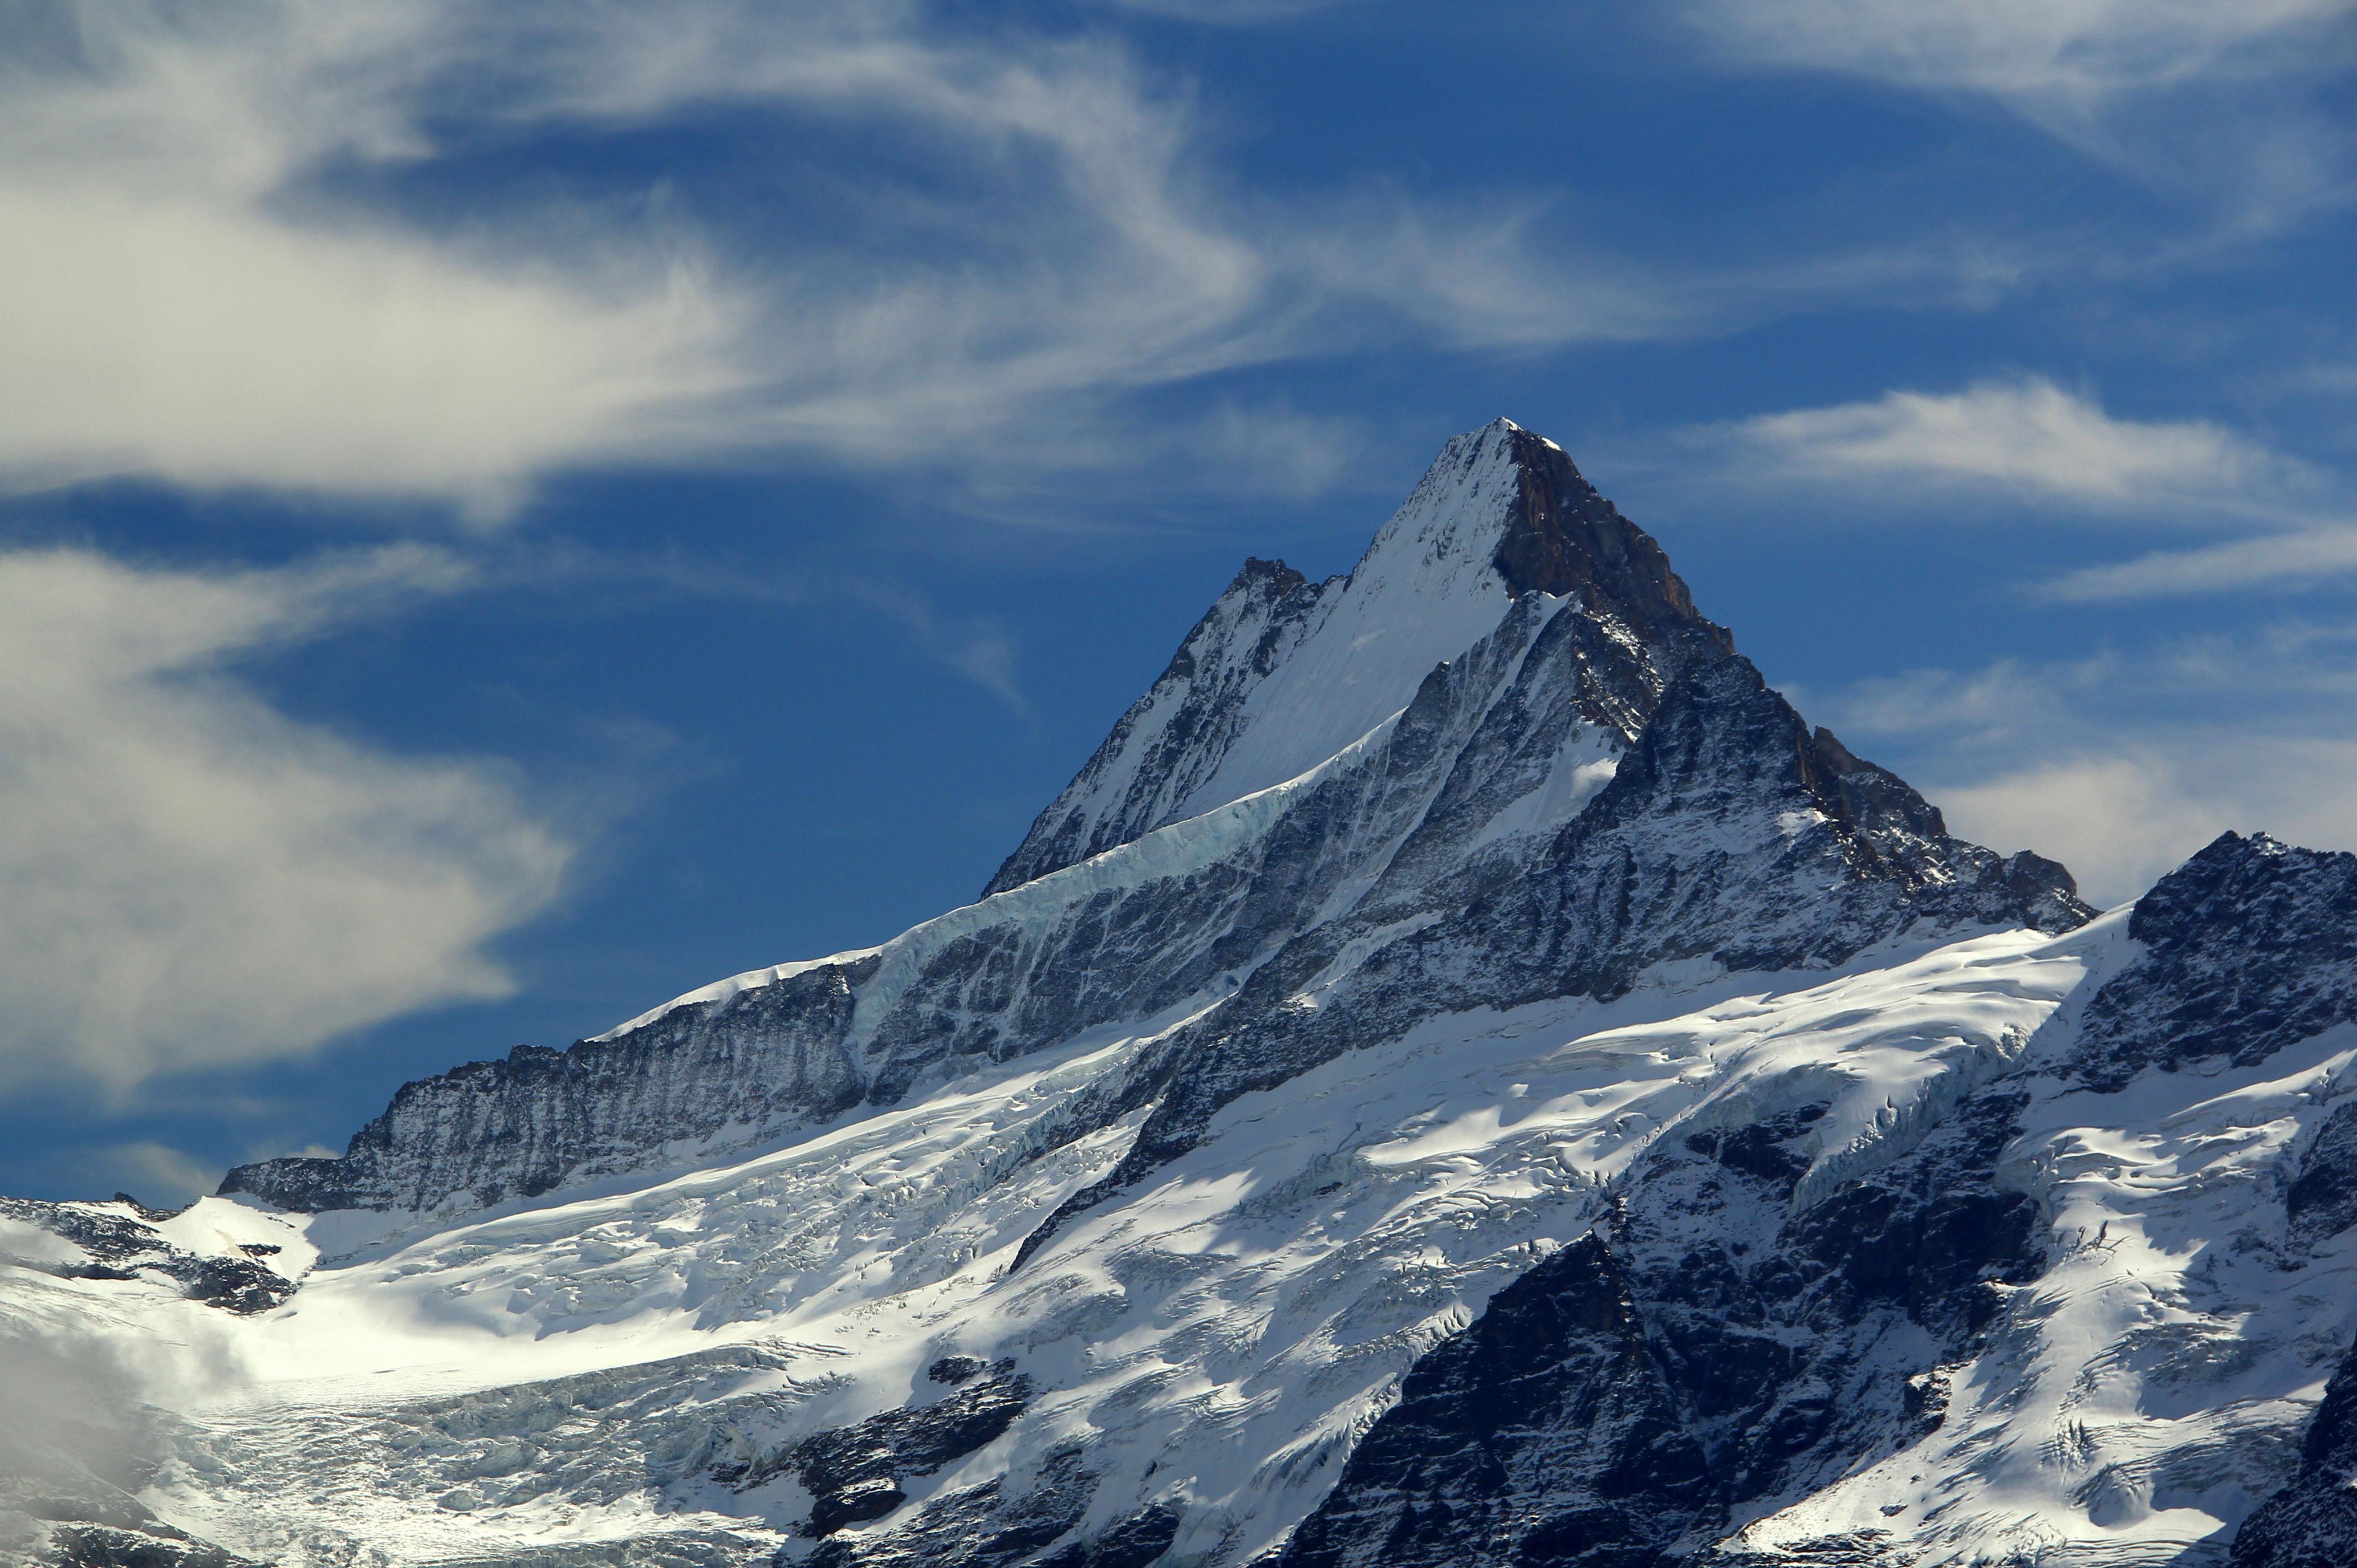 schreckhorn_peak1.jpg